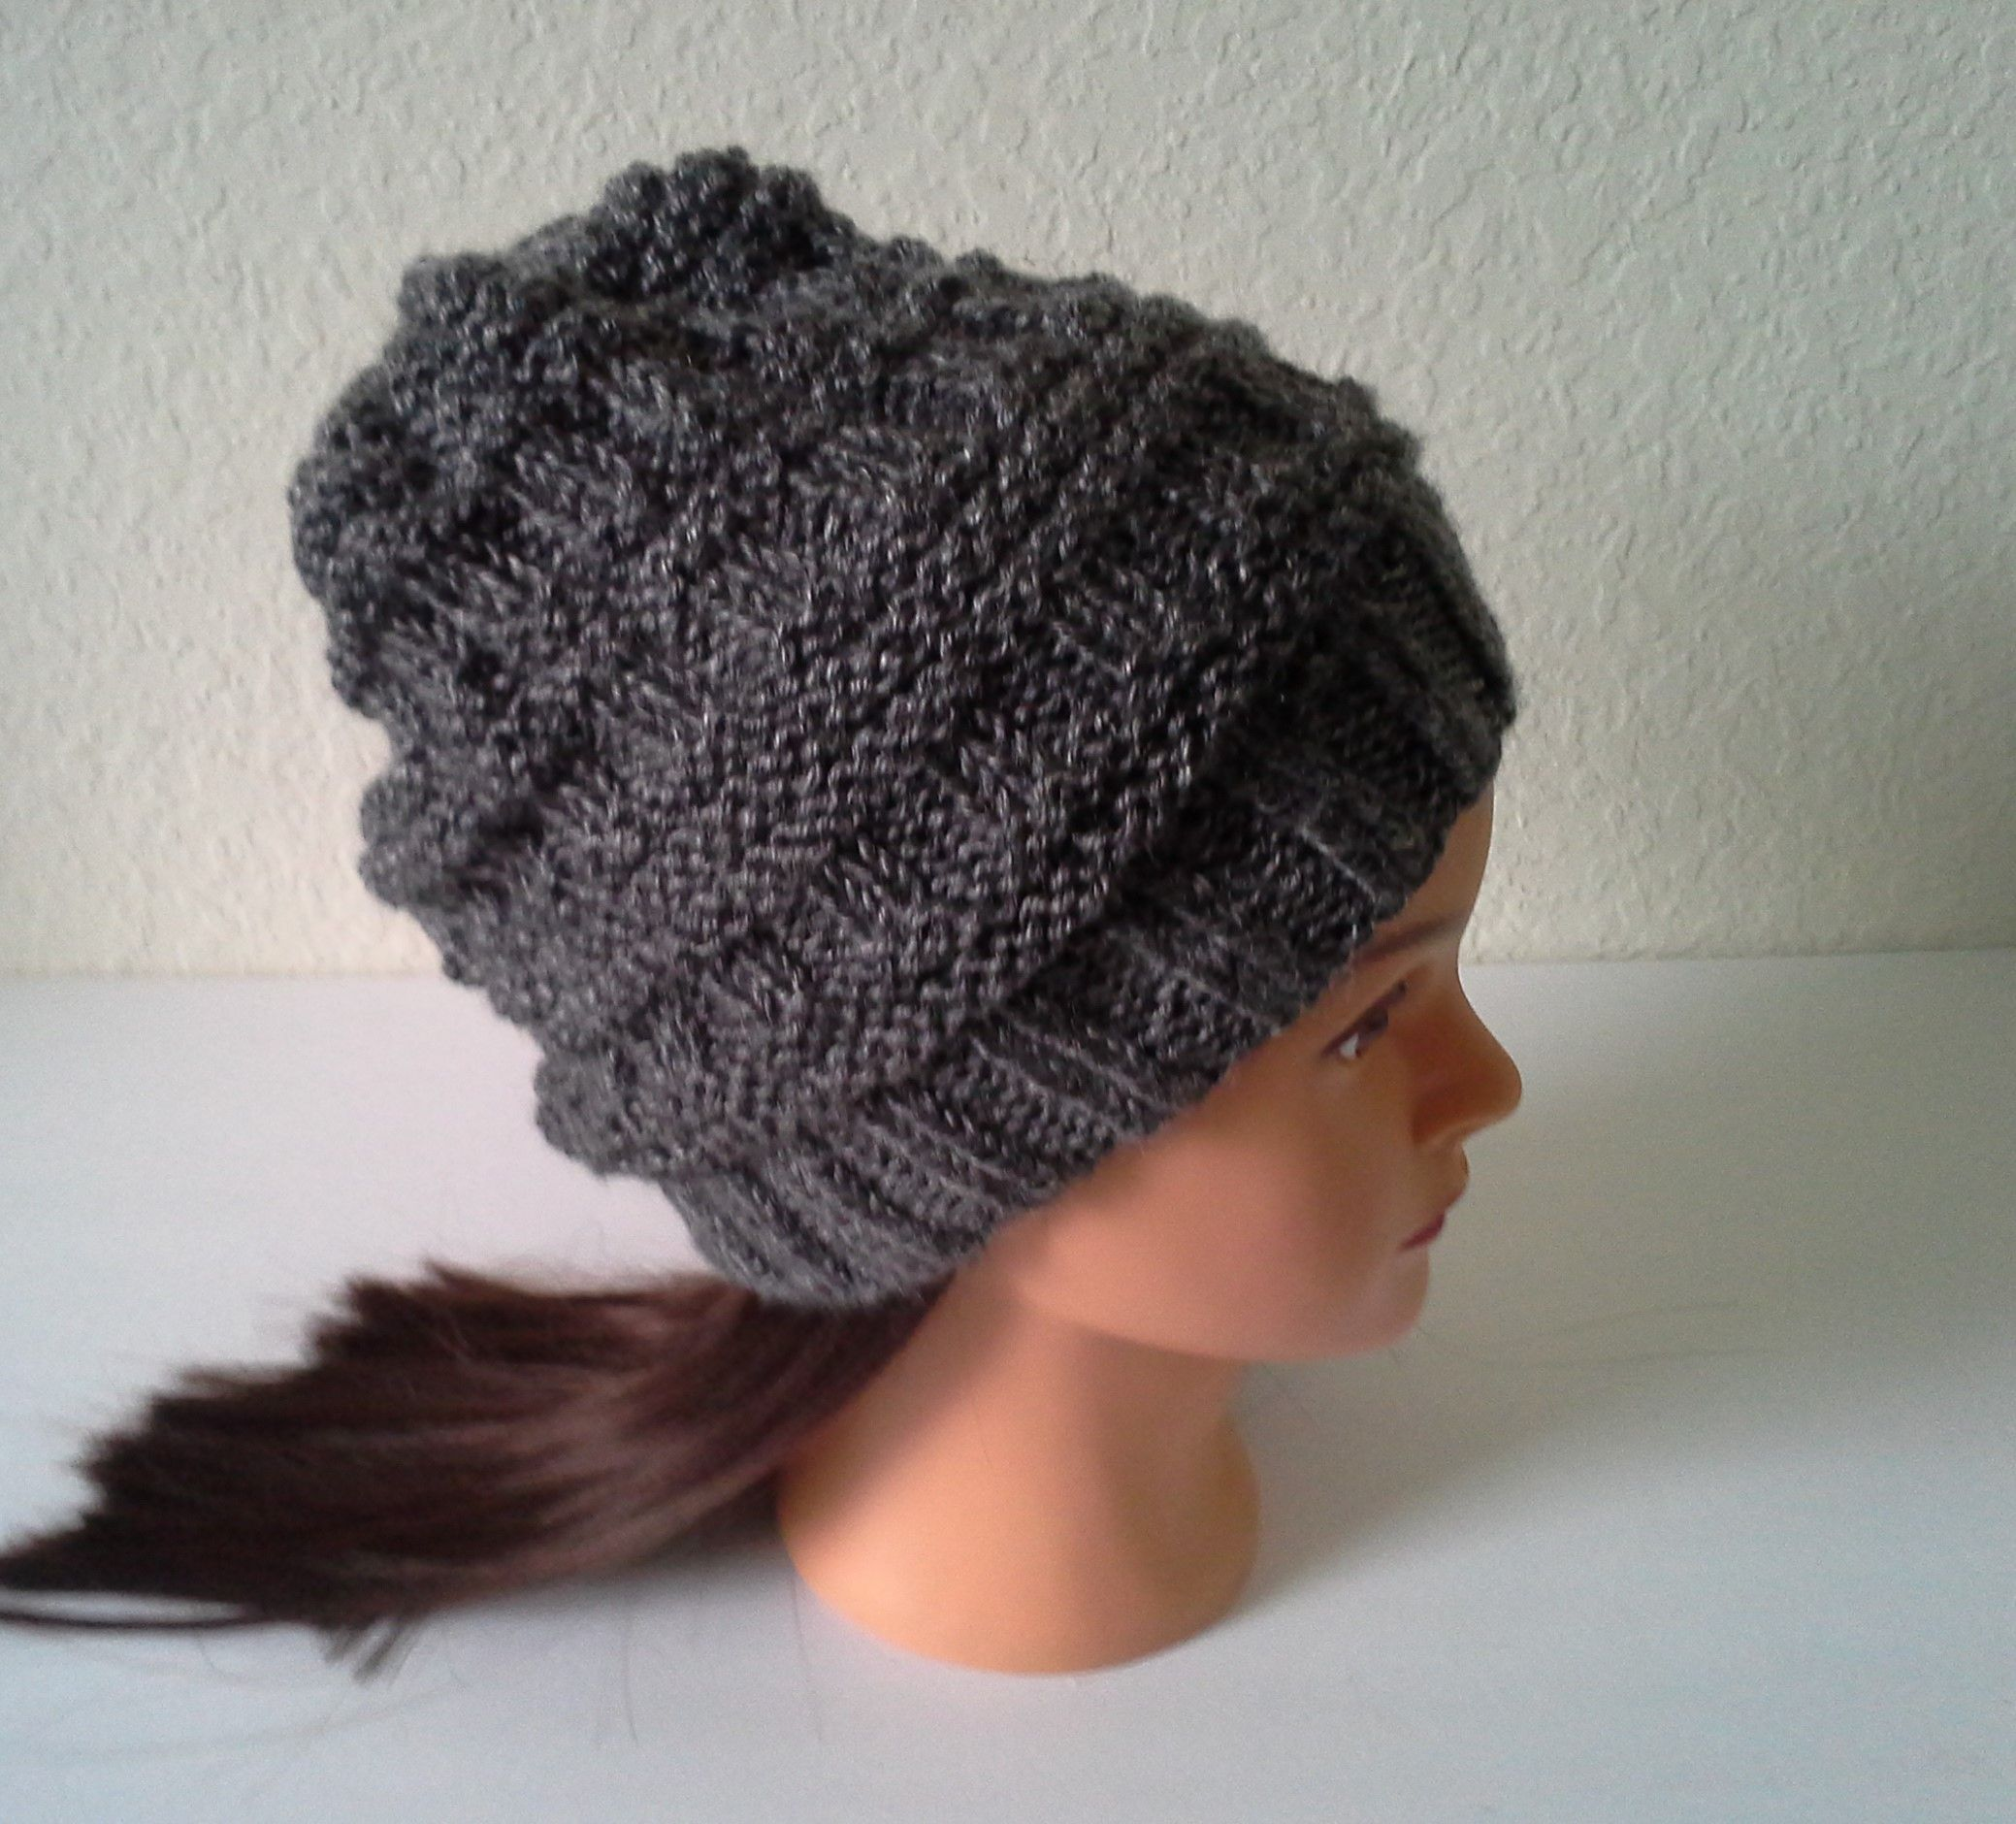 6eda8e4d8dd06 Womens Slouchy knit hat. Warm